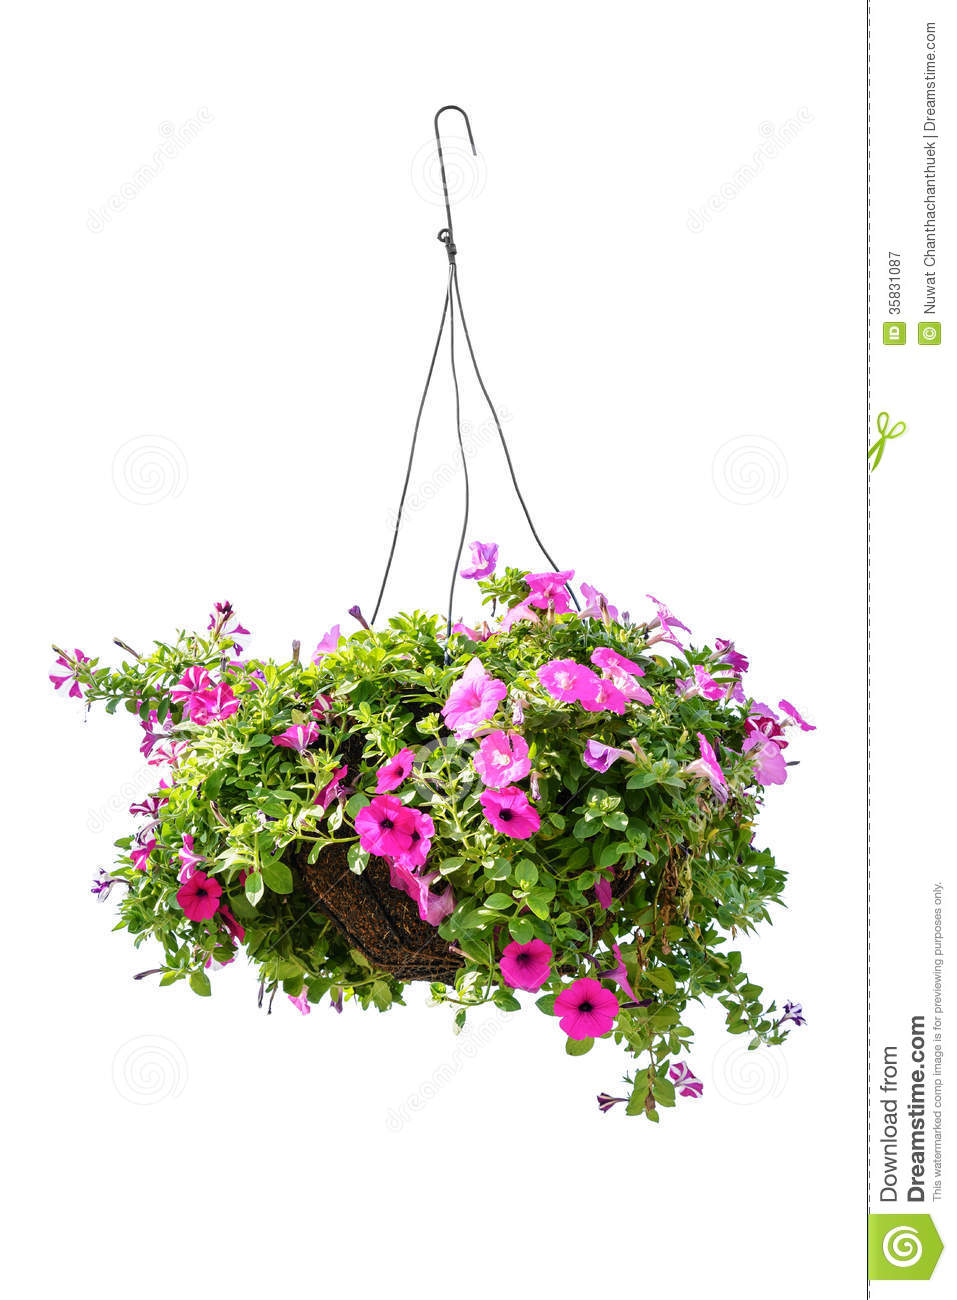 Clipart hanging flower basket.